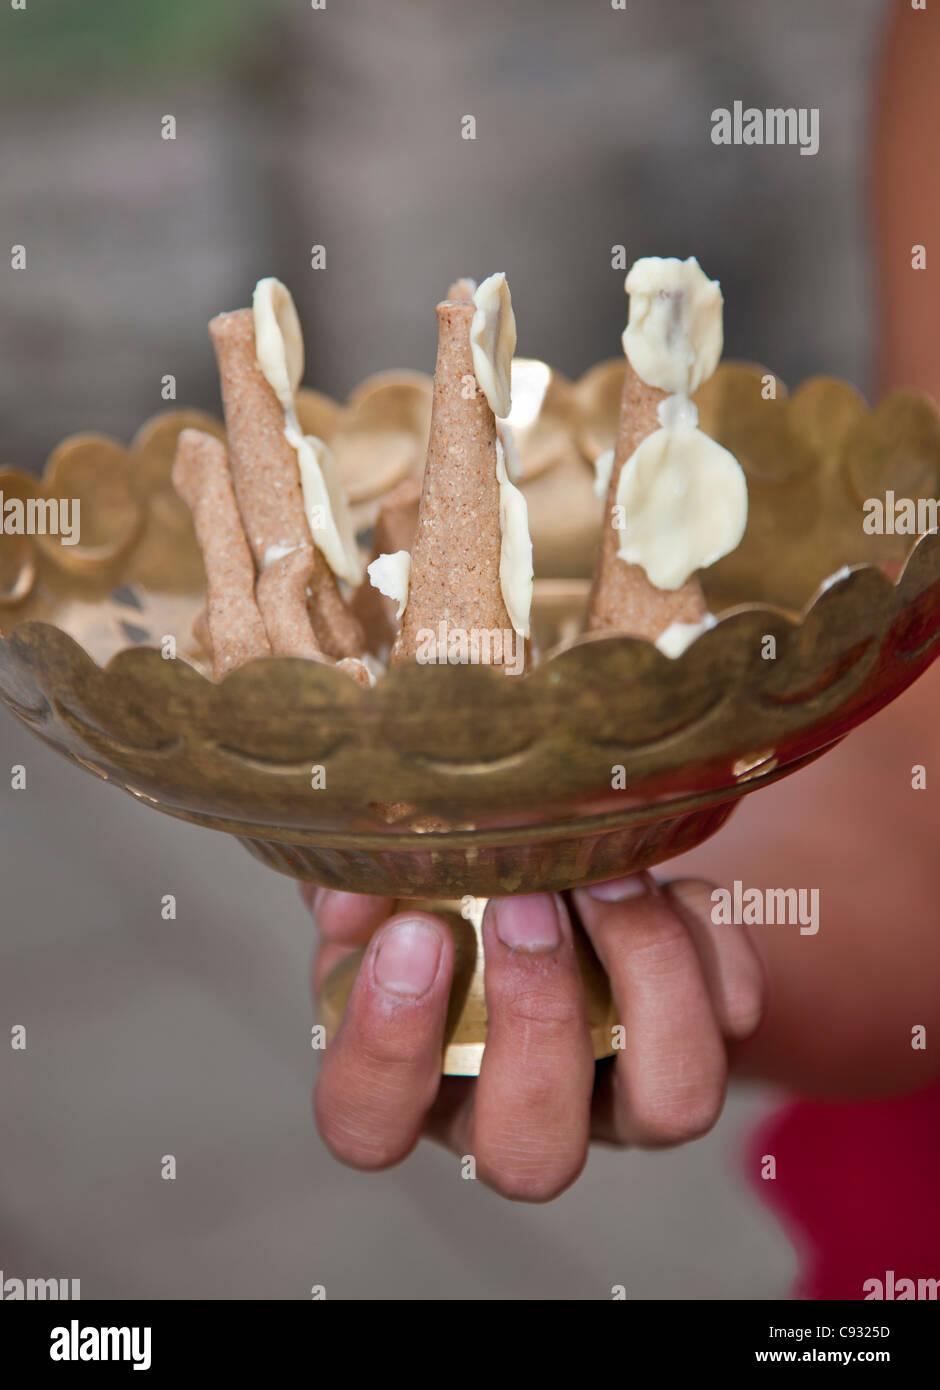 Un monaco trattiene un piatto di ottone contenente torte rituale (torma) e burro come una simbolica offerta a divinità Immagini Stock